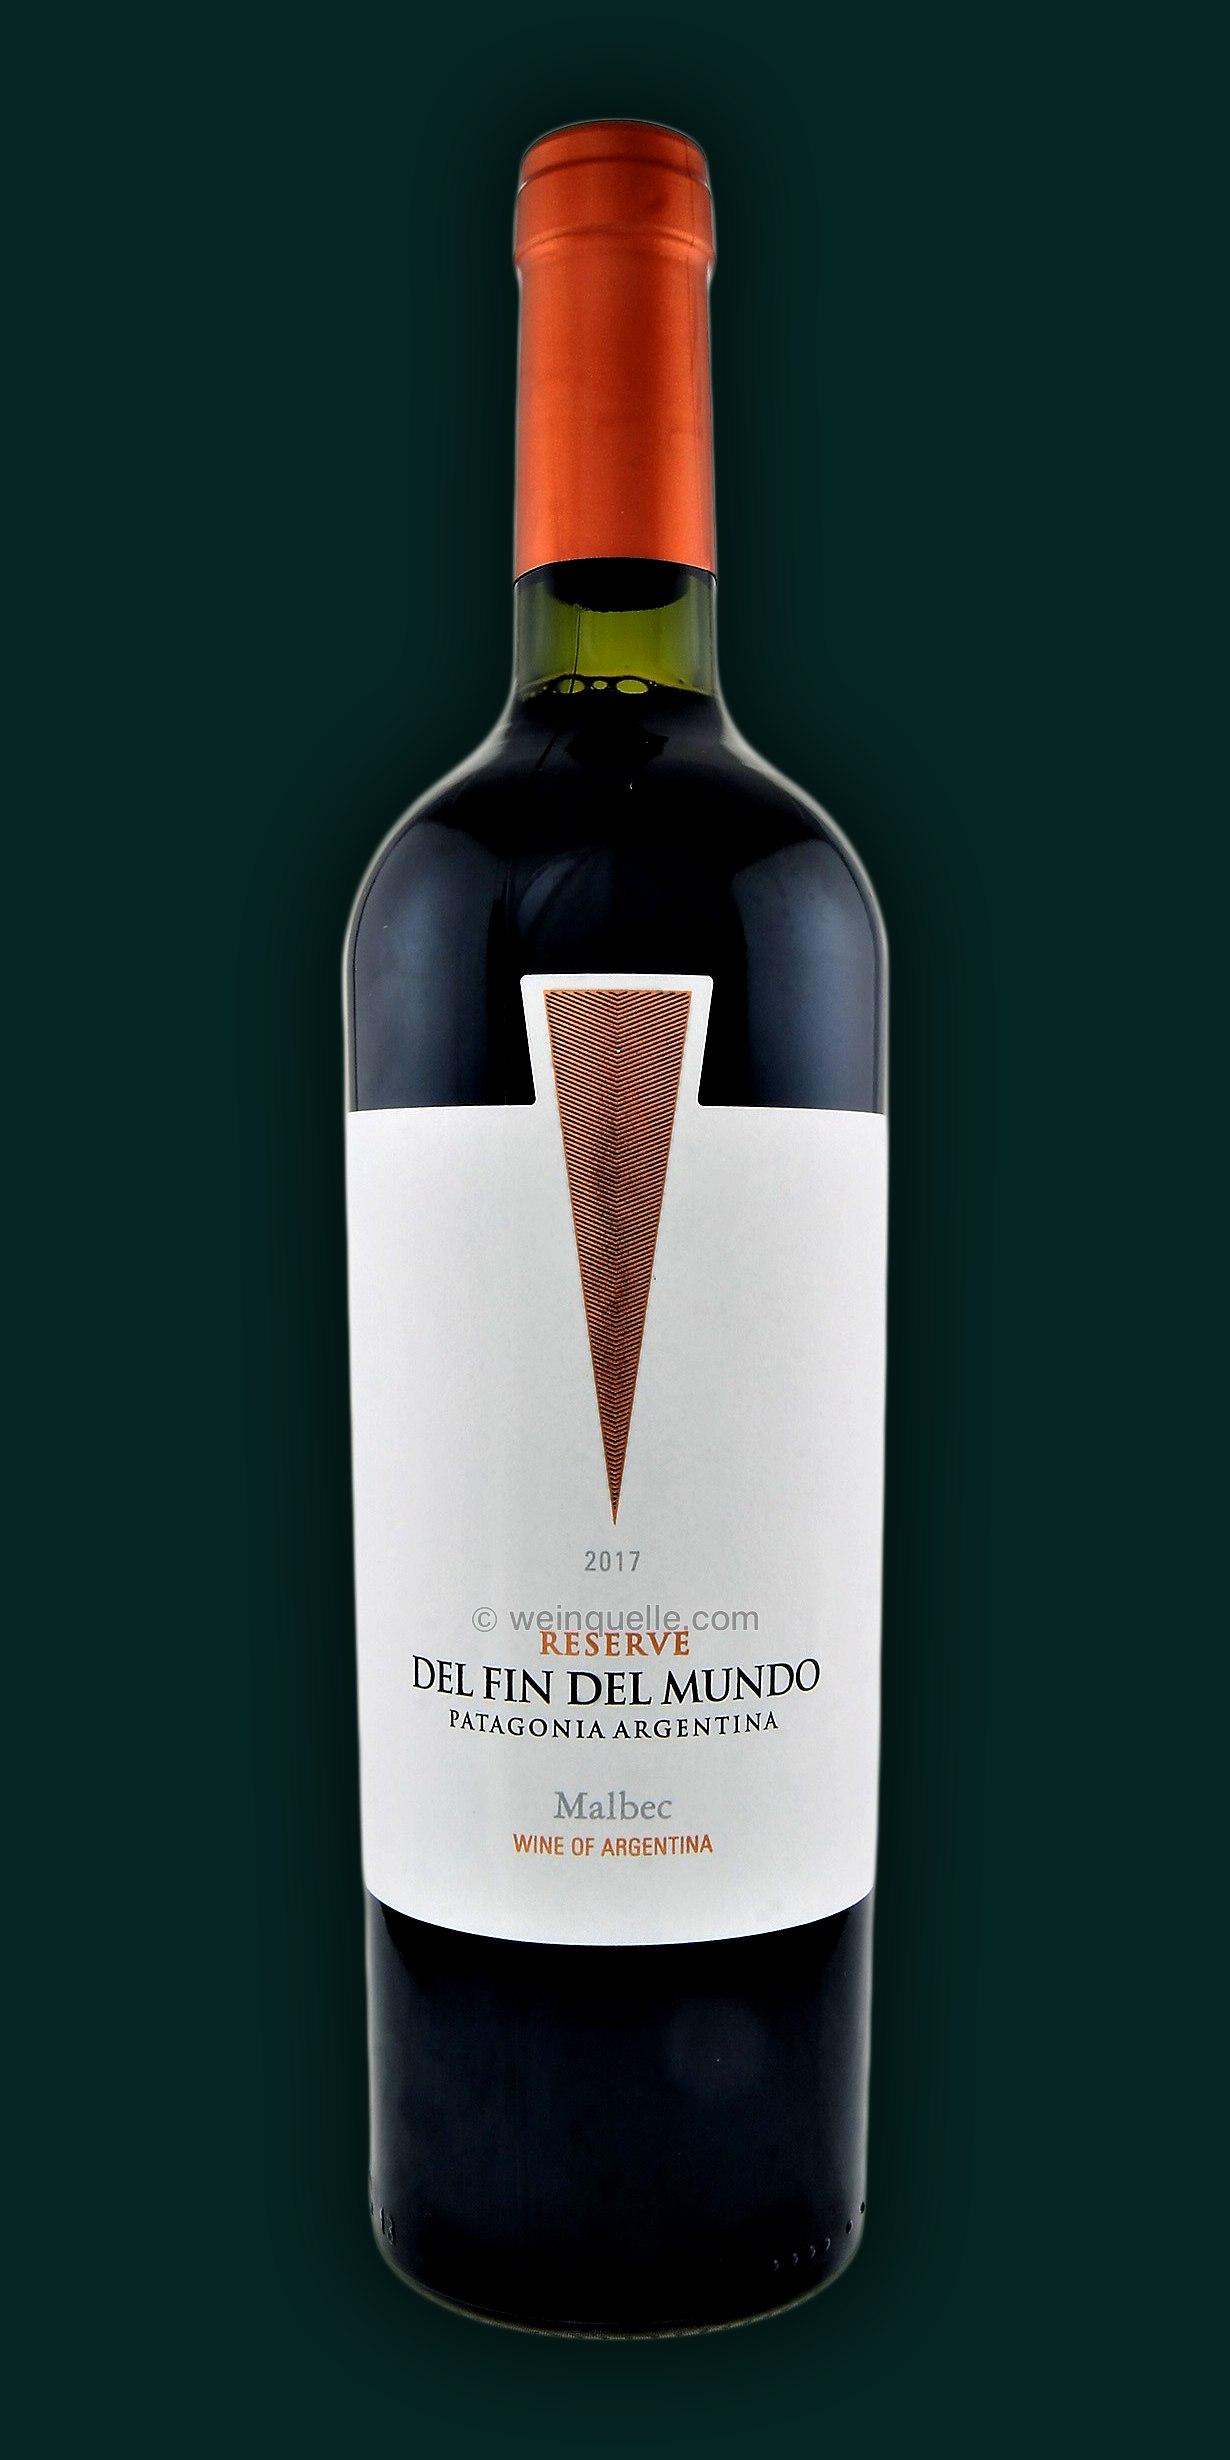 Bodega Del Fin Del Mundo 1275 Weinquelle Lühmann